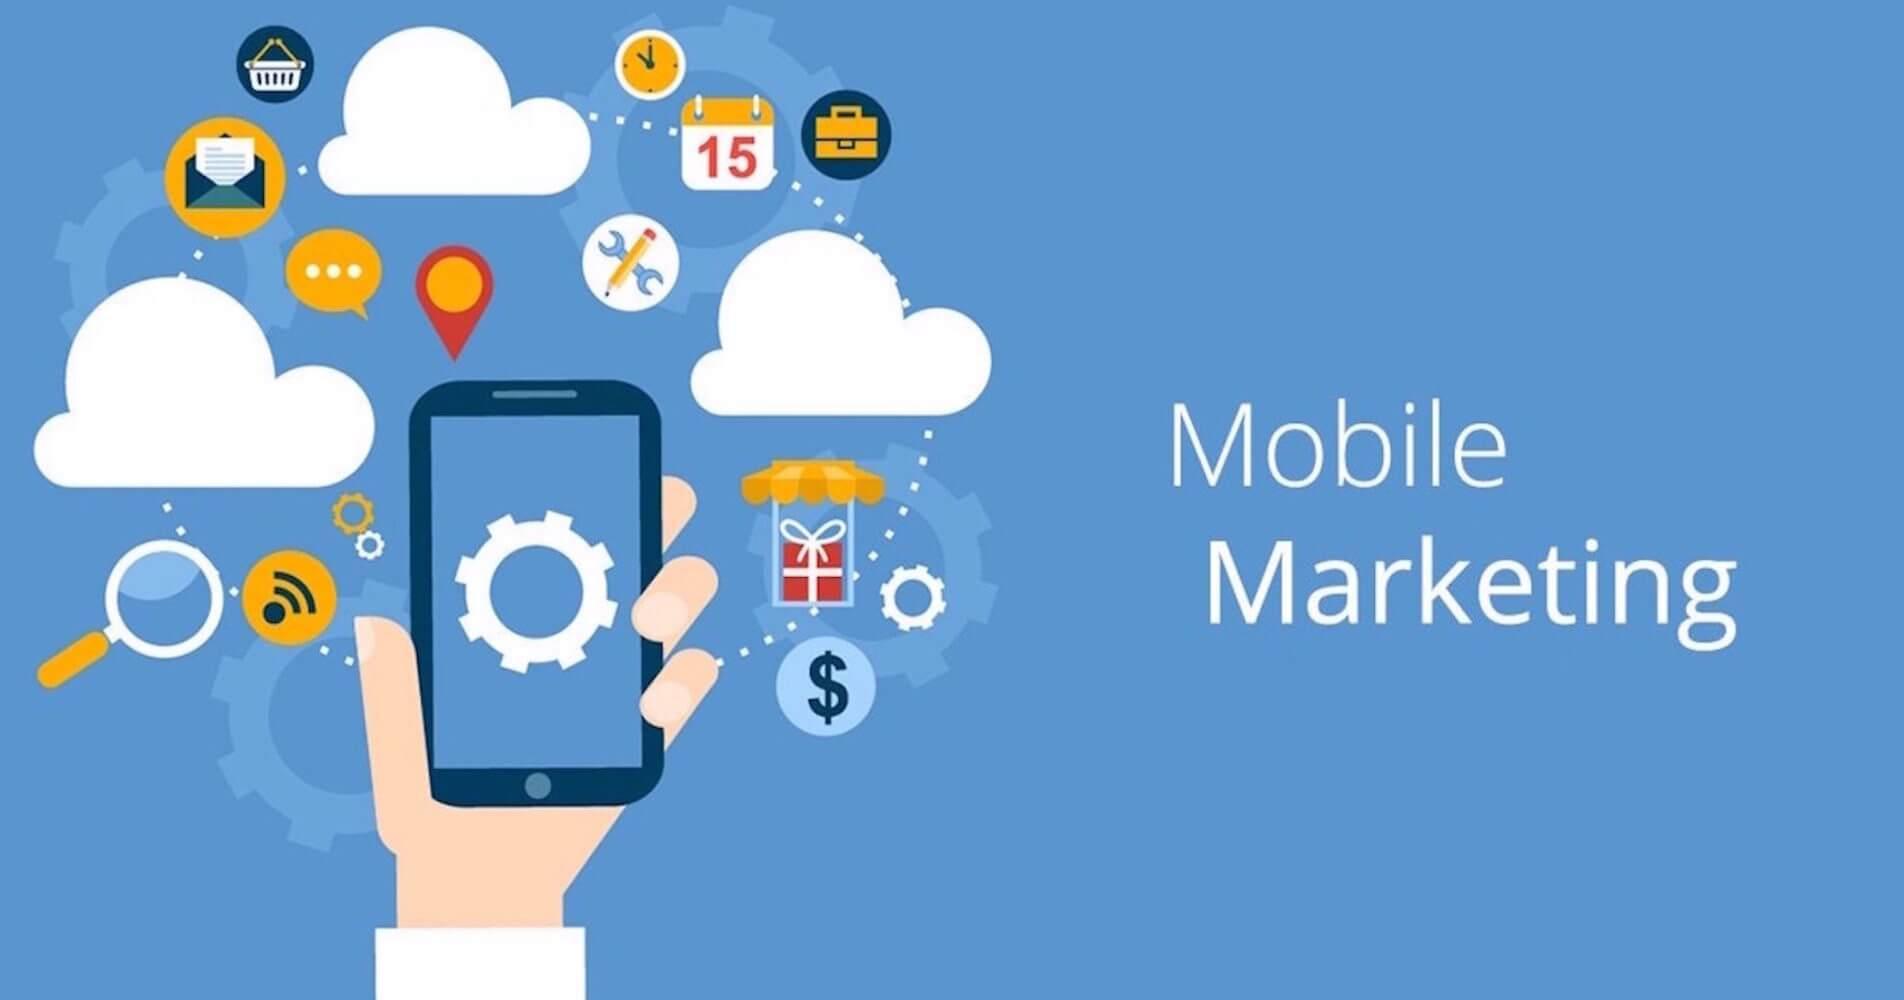 Mobile Marketing e o Turismo (Turismo Familiar e Turismo de Negócios)